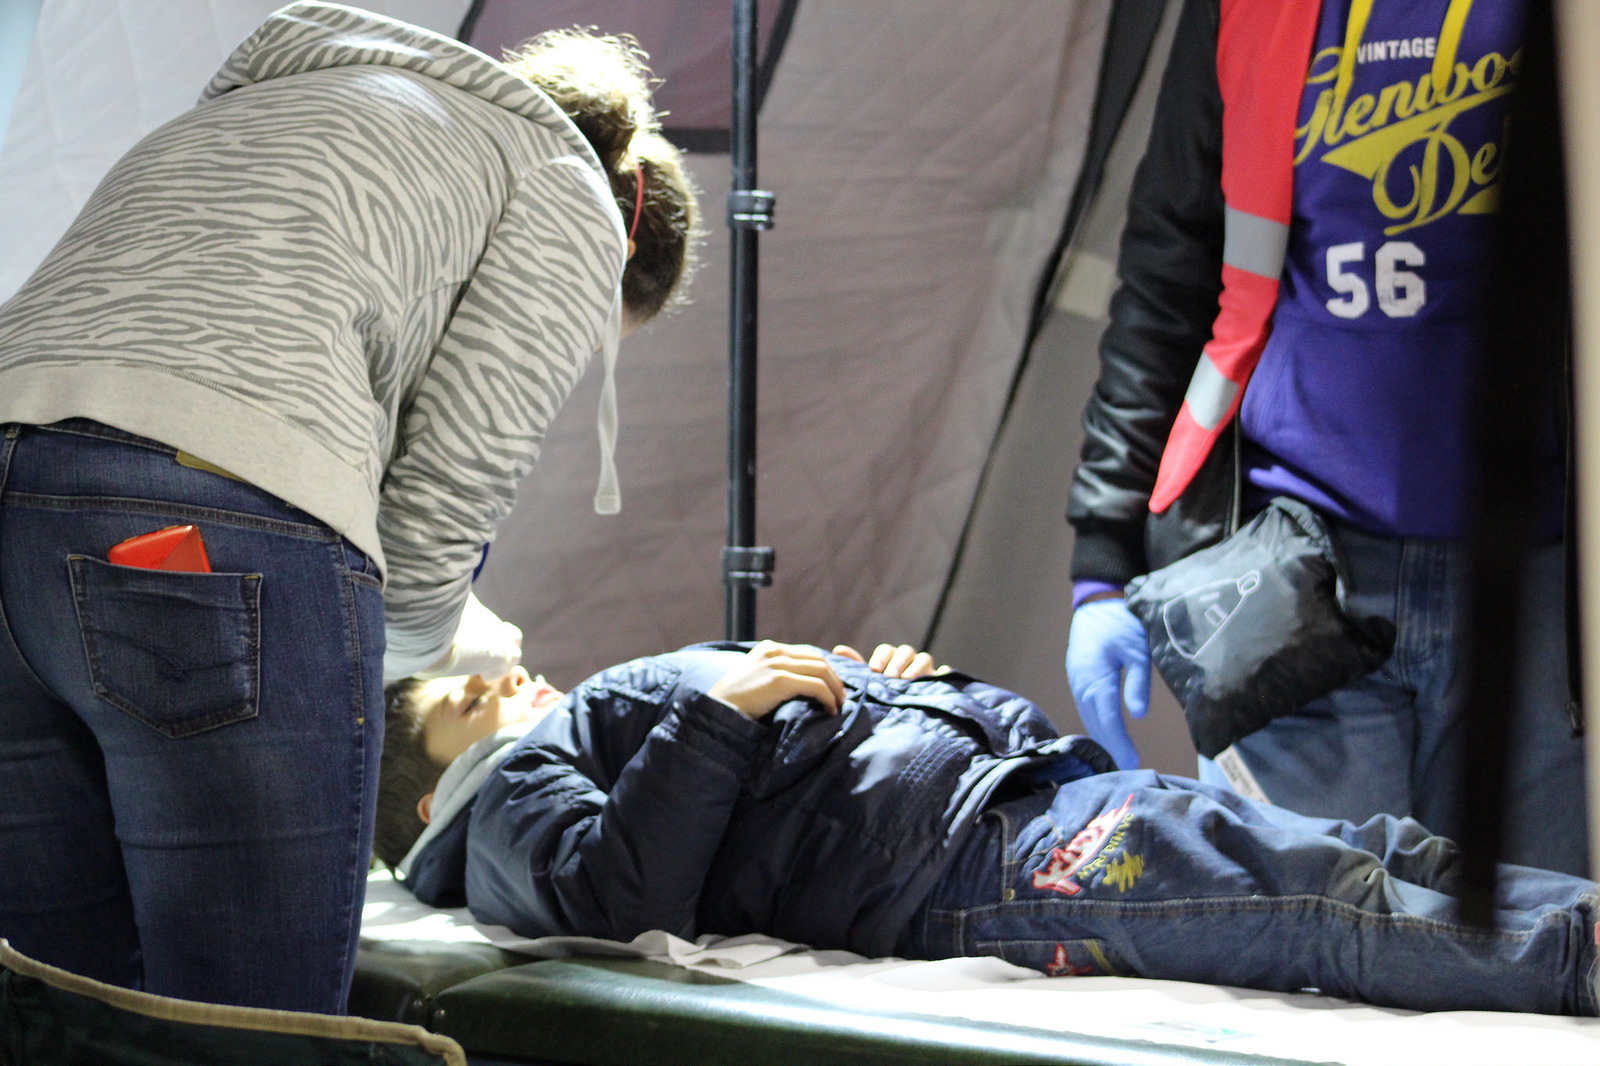 Médicos de Caritas Hungría tratan a un joven con una herida en la cabeza